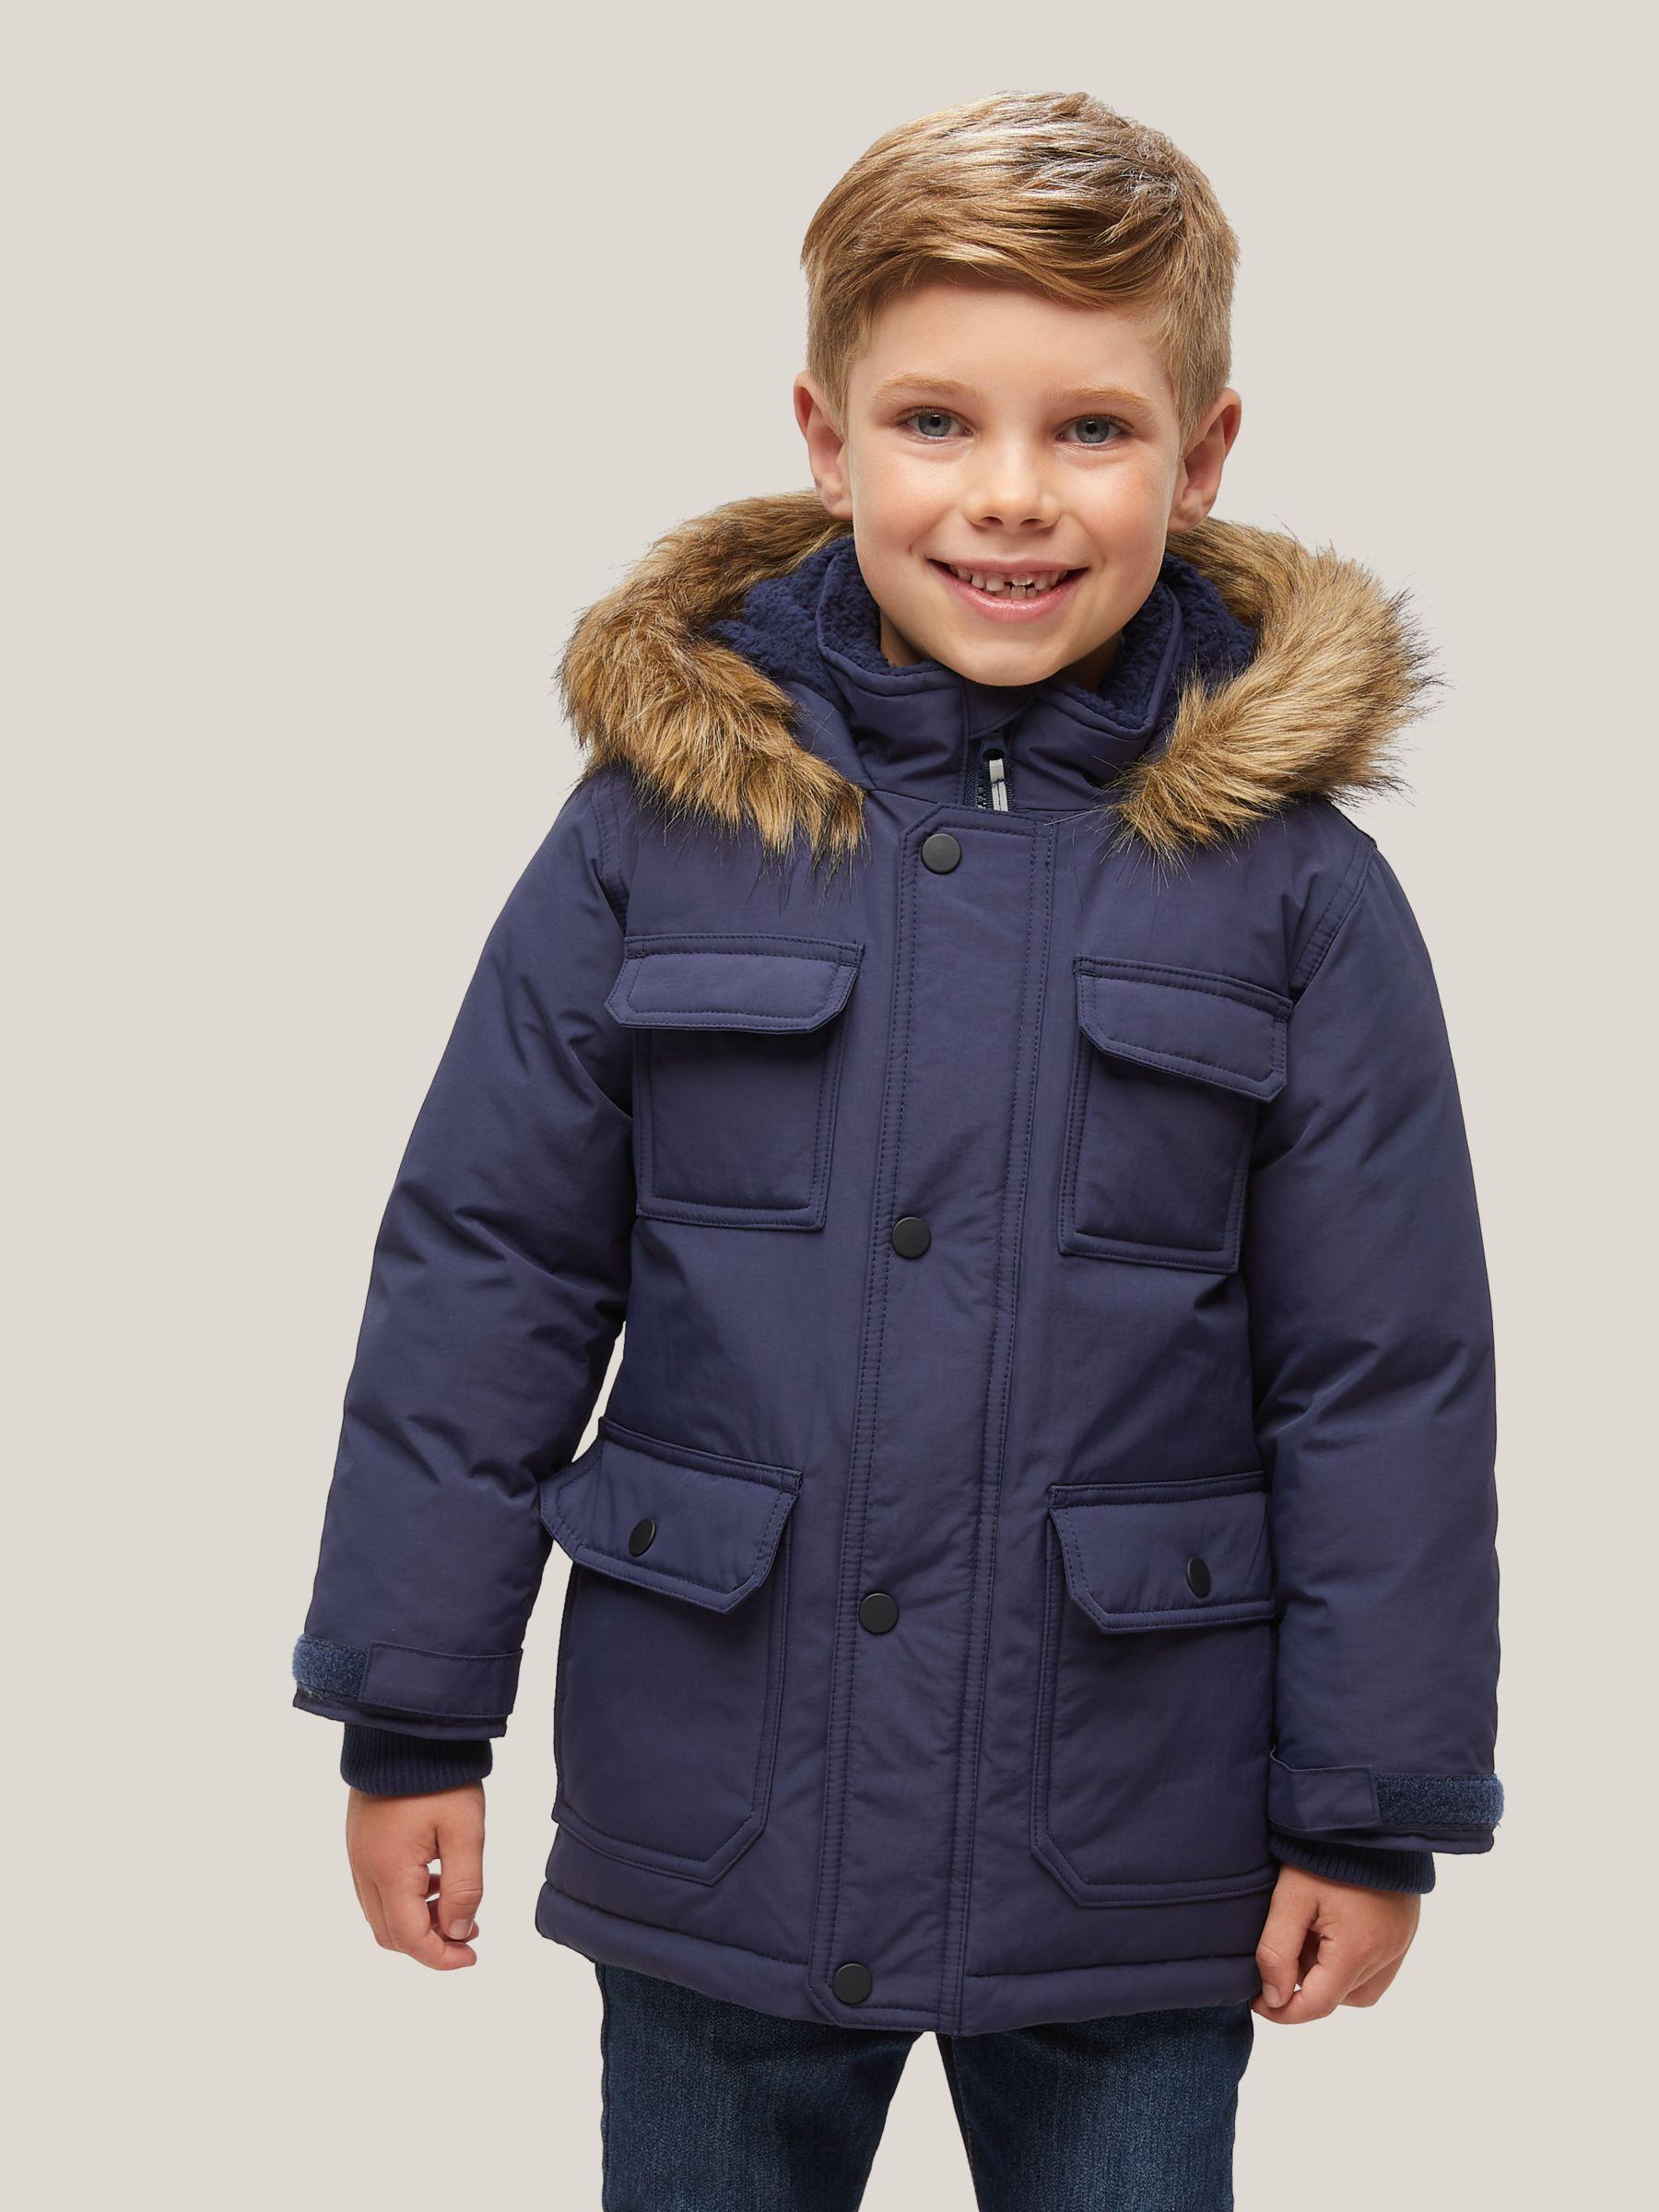 Partners Kids Core Parka Coat Navy, Black Coat With Fur Hood Children S